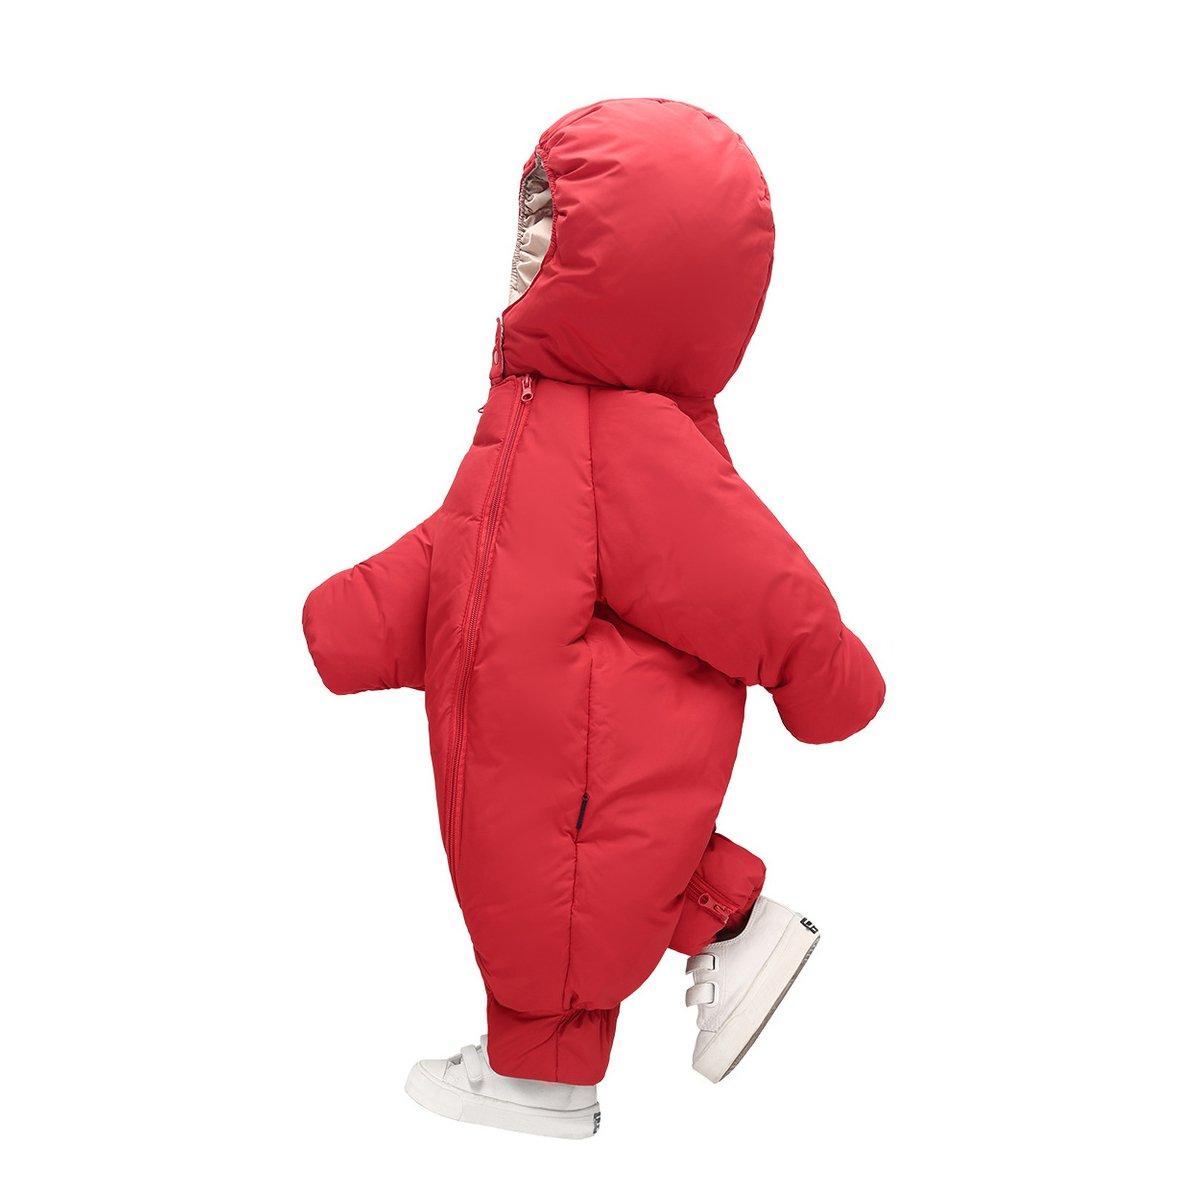 Pagliaccetto del Bambino Inverno AHATECH Piumino Bambino Invernale Tute da Neve Neonato Hooded Pagliaccetti